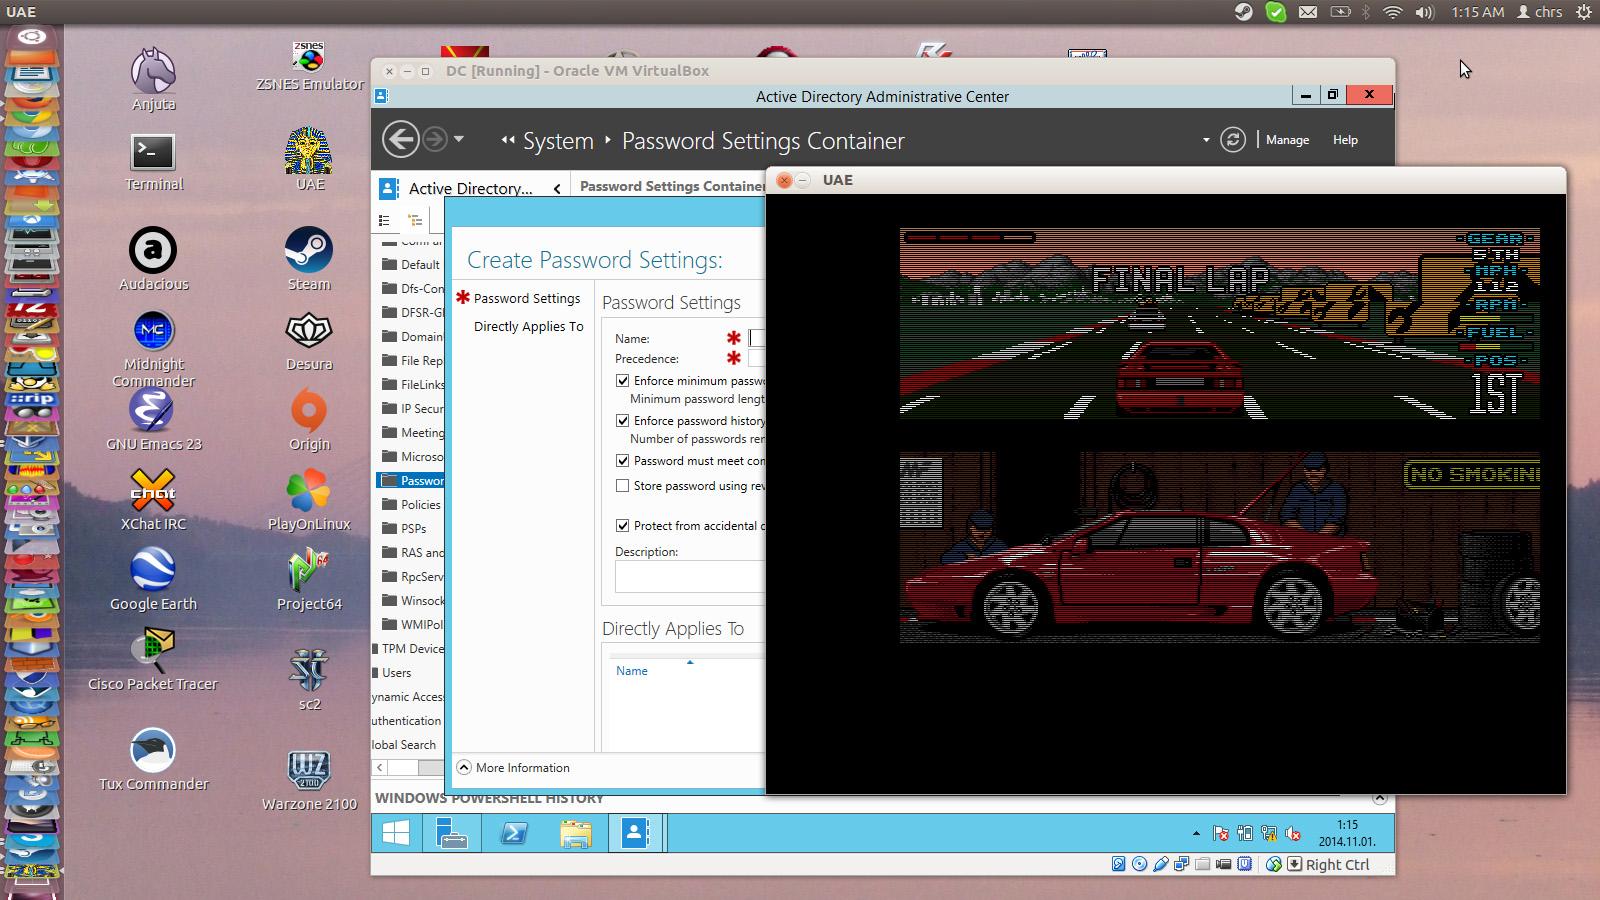 ubuntu_linux_amiga_uae_lotus.jpg